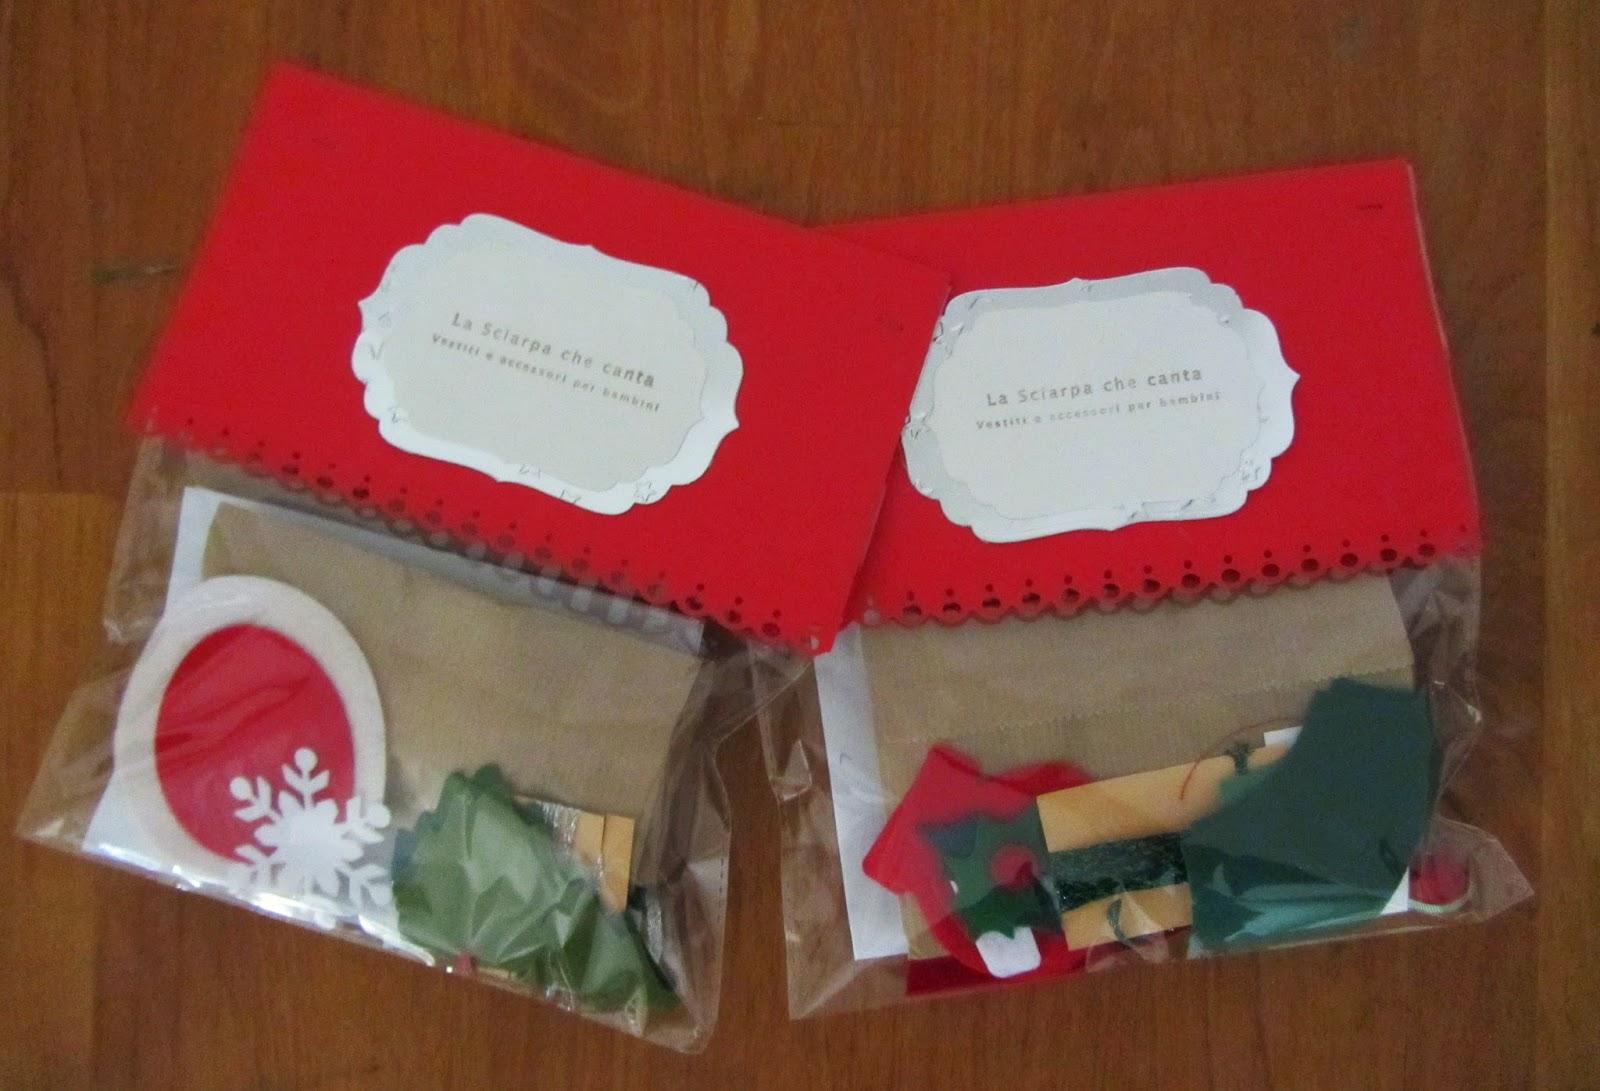 La sciarpa che canta idee regalo kit decorazioni di natale - Piccole idee regalo per natale ...